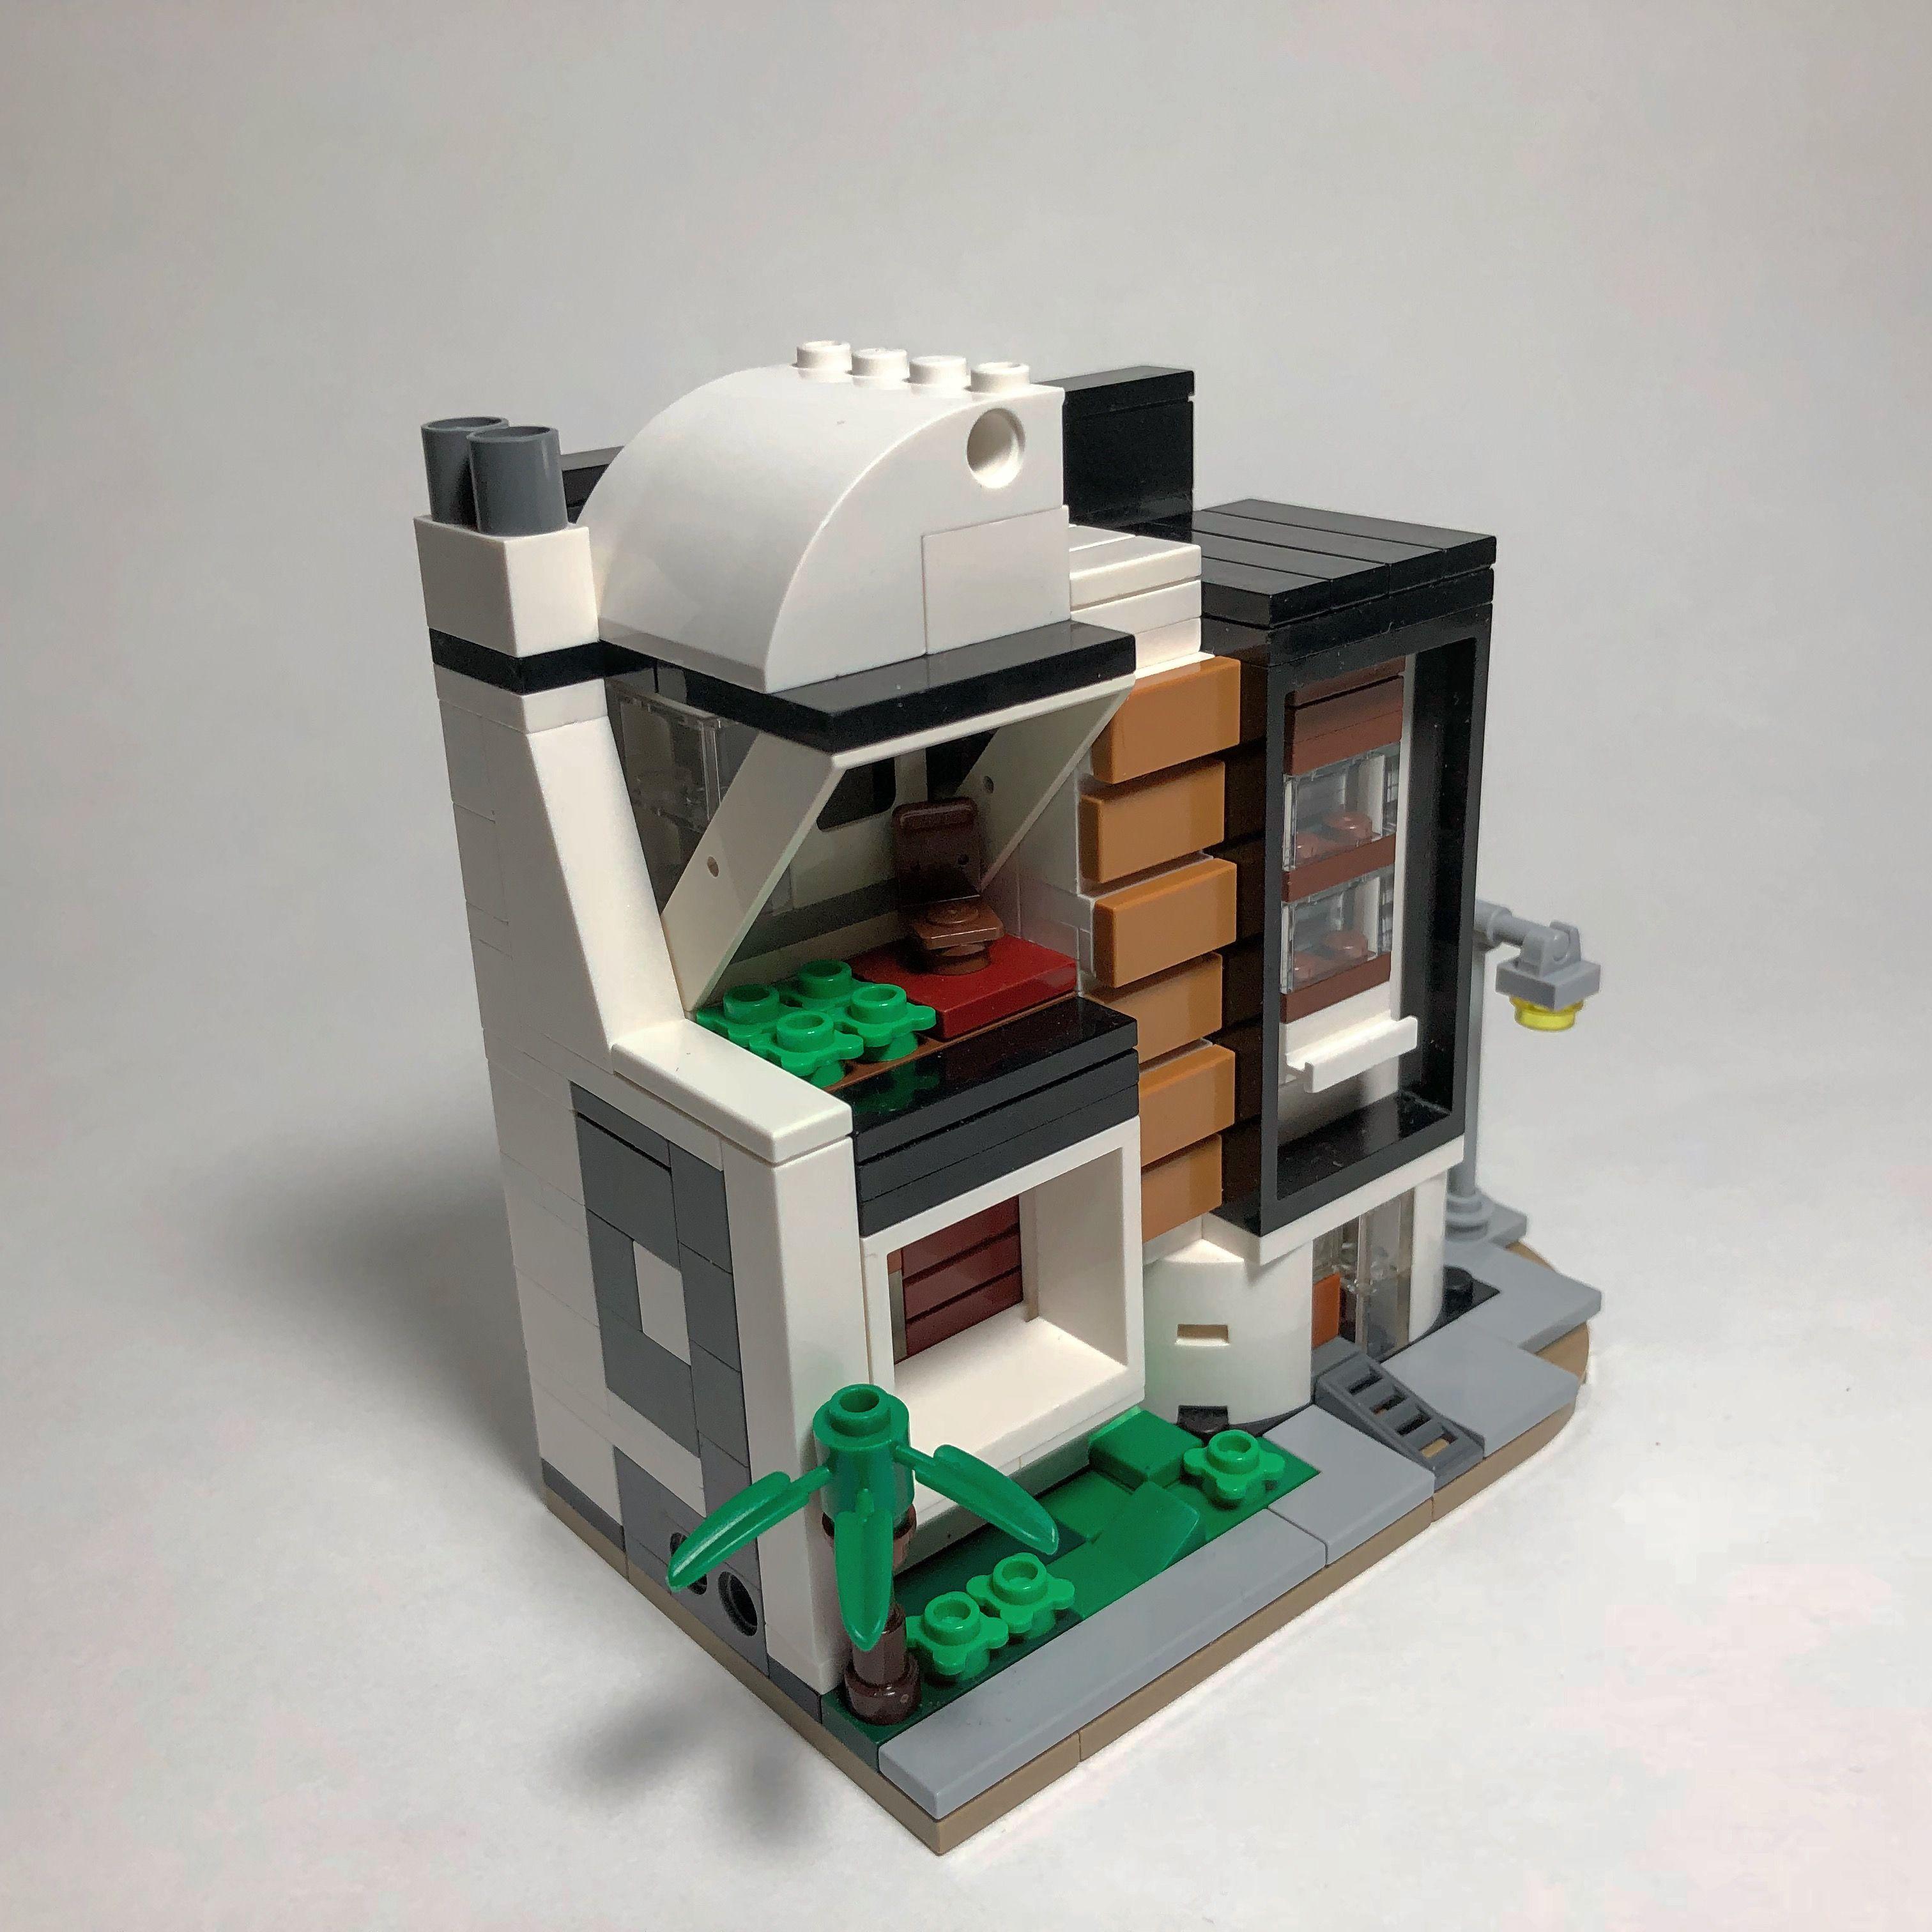 Lego Mini Modular Modern Building Micro Lego Lego Lego Creations